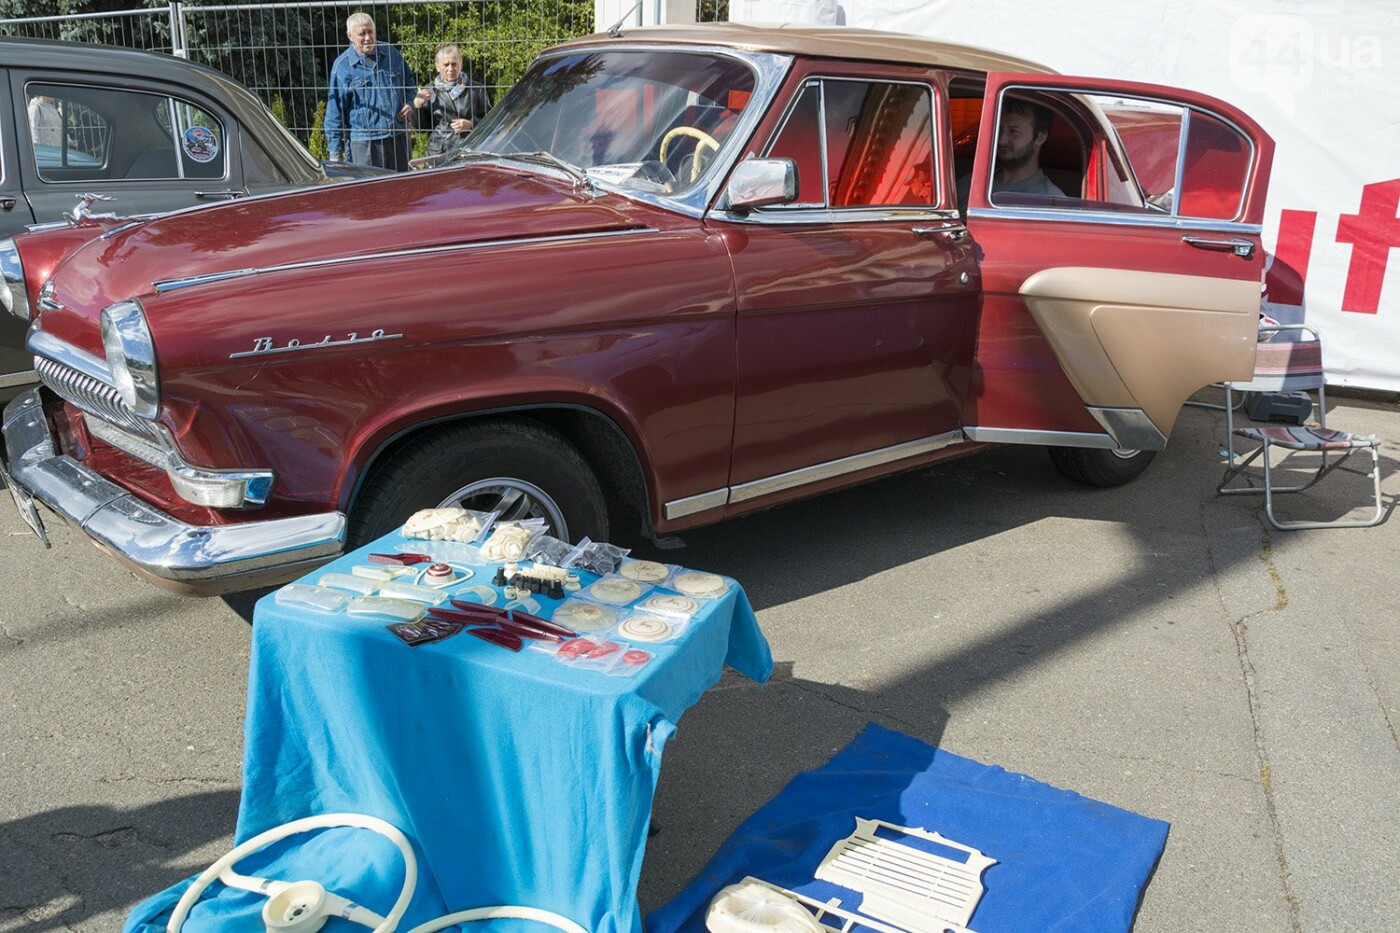 Old Car Land-2018: как прошел крупнейший автомобильный ретро-фестиваль Украины, - ФОТО, ВИДЕО, фото-3